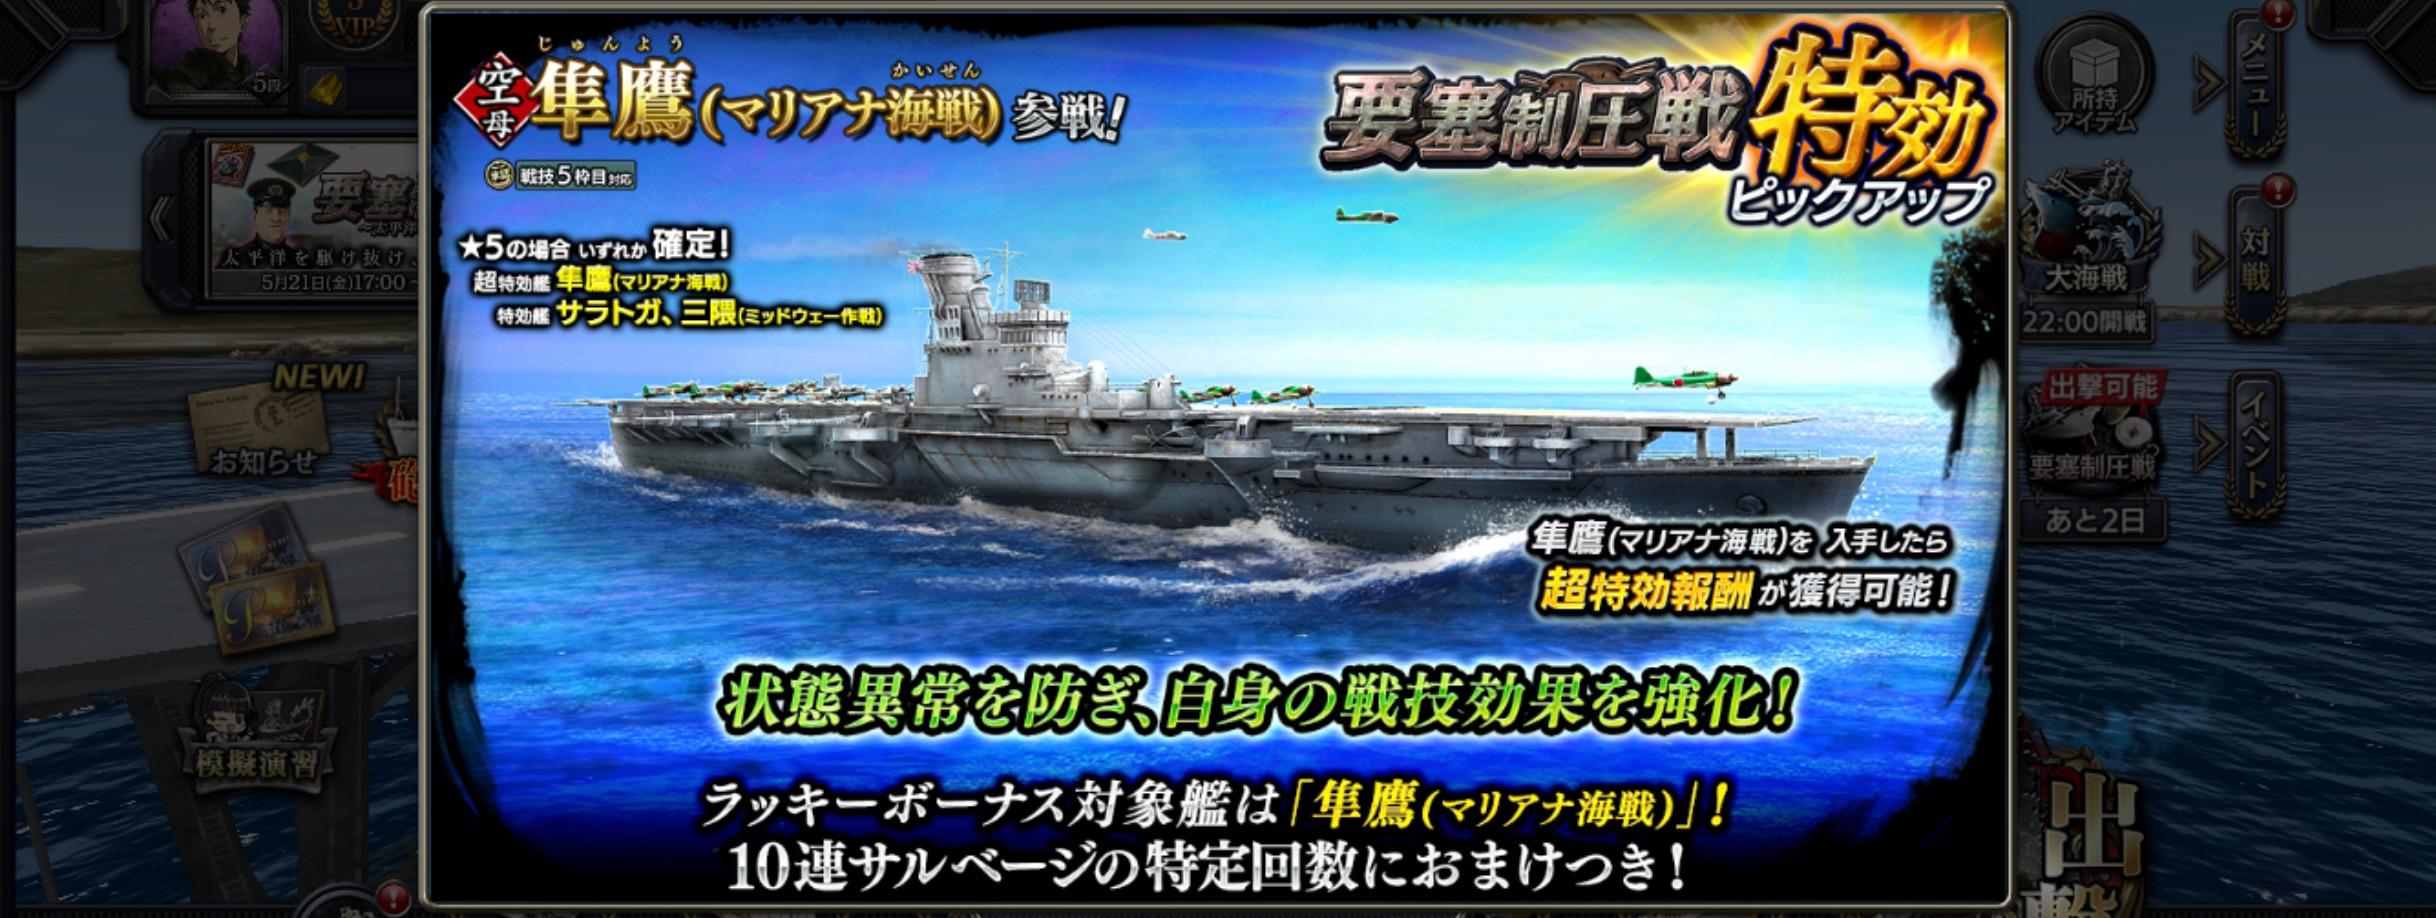 aircraft-carrier:JyunyoM